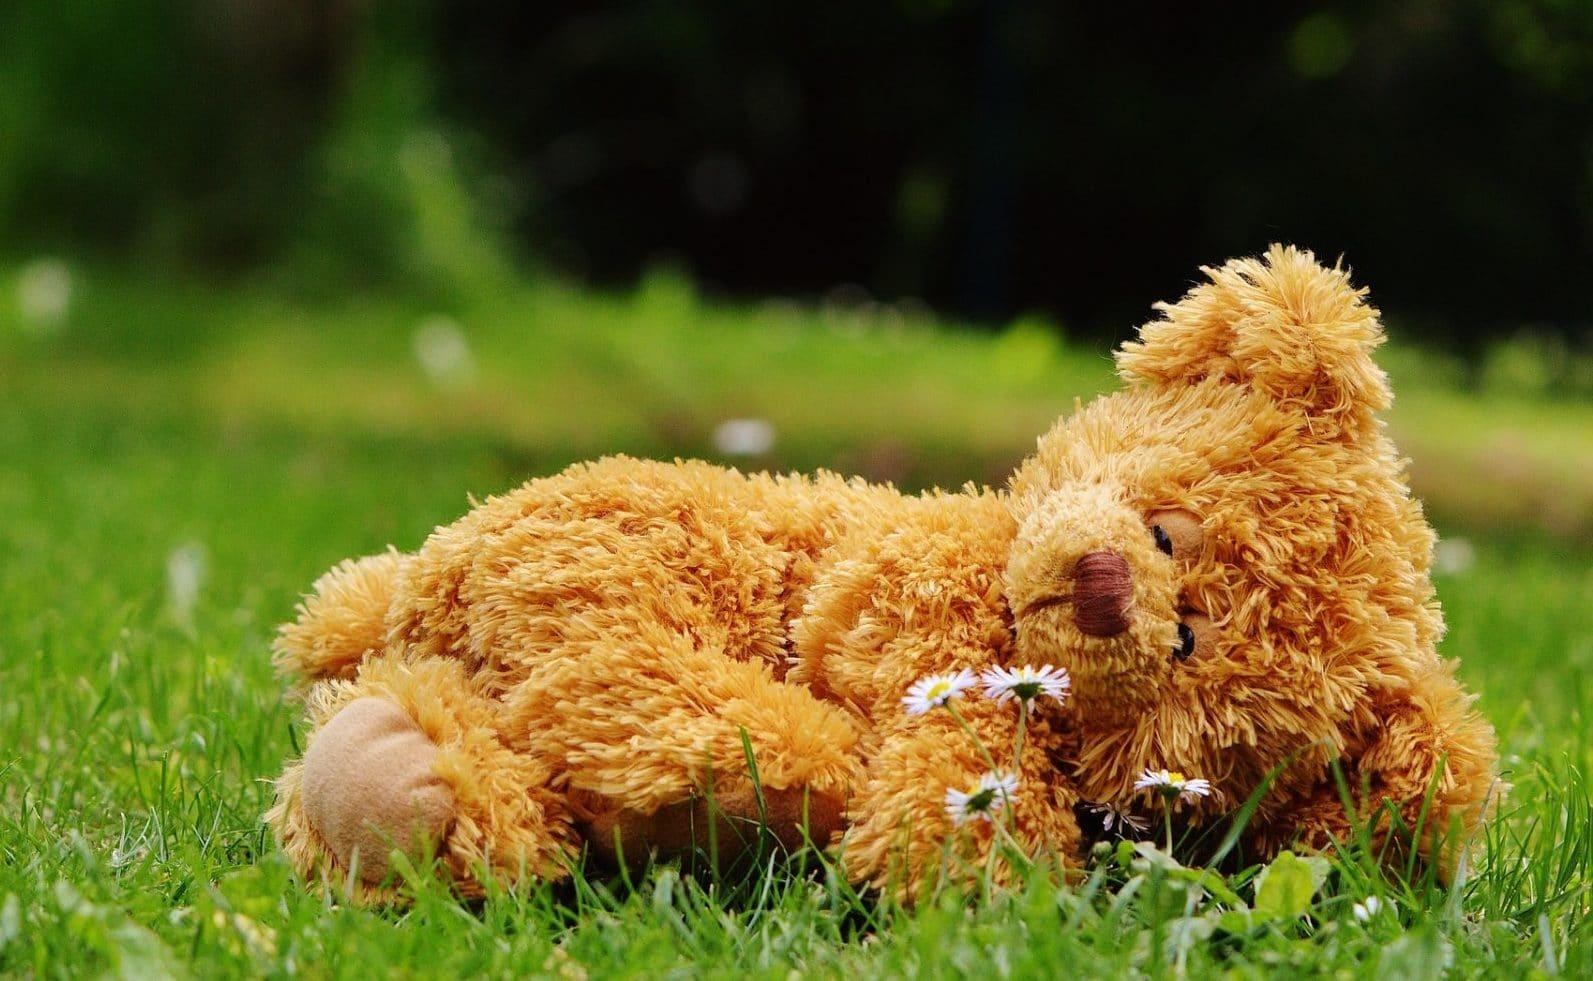 schlafender Bär auf einer grünen Wiese